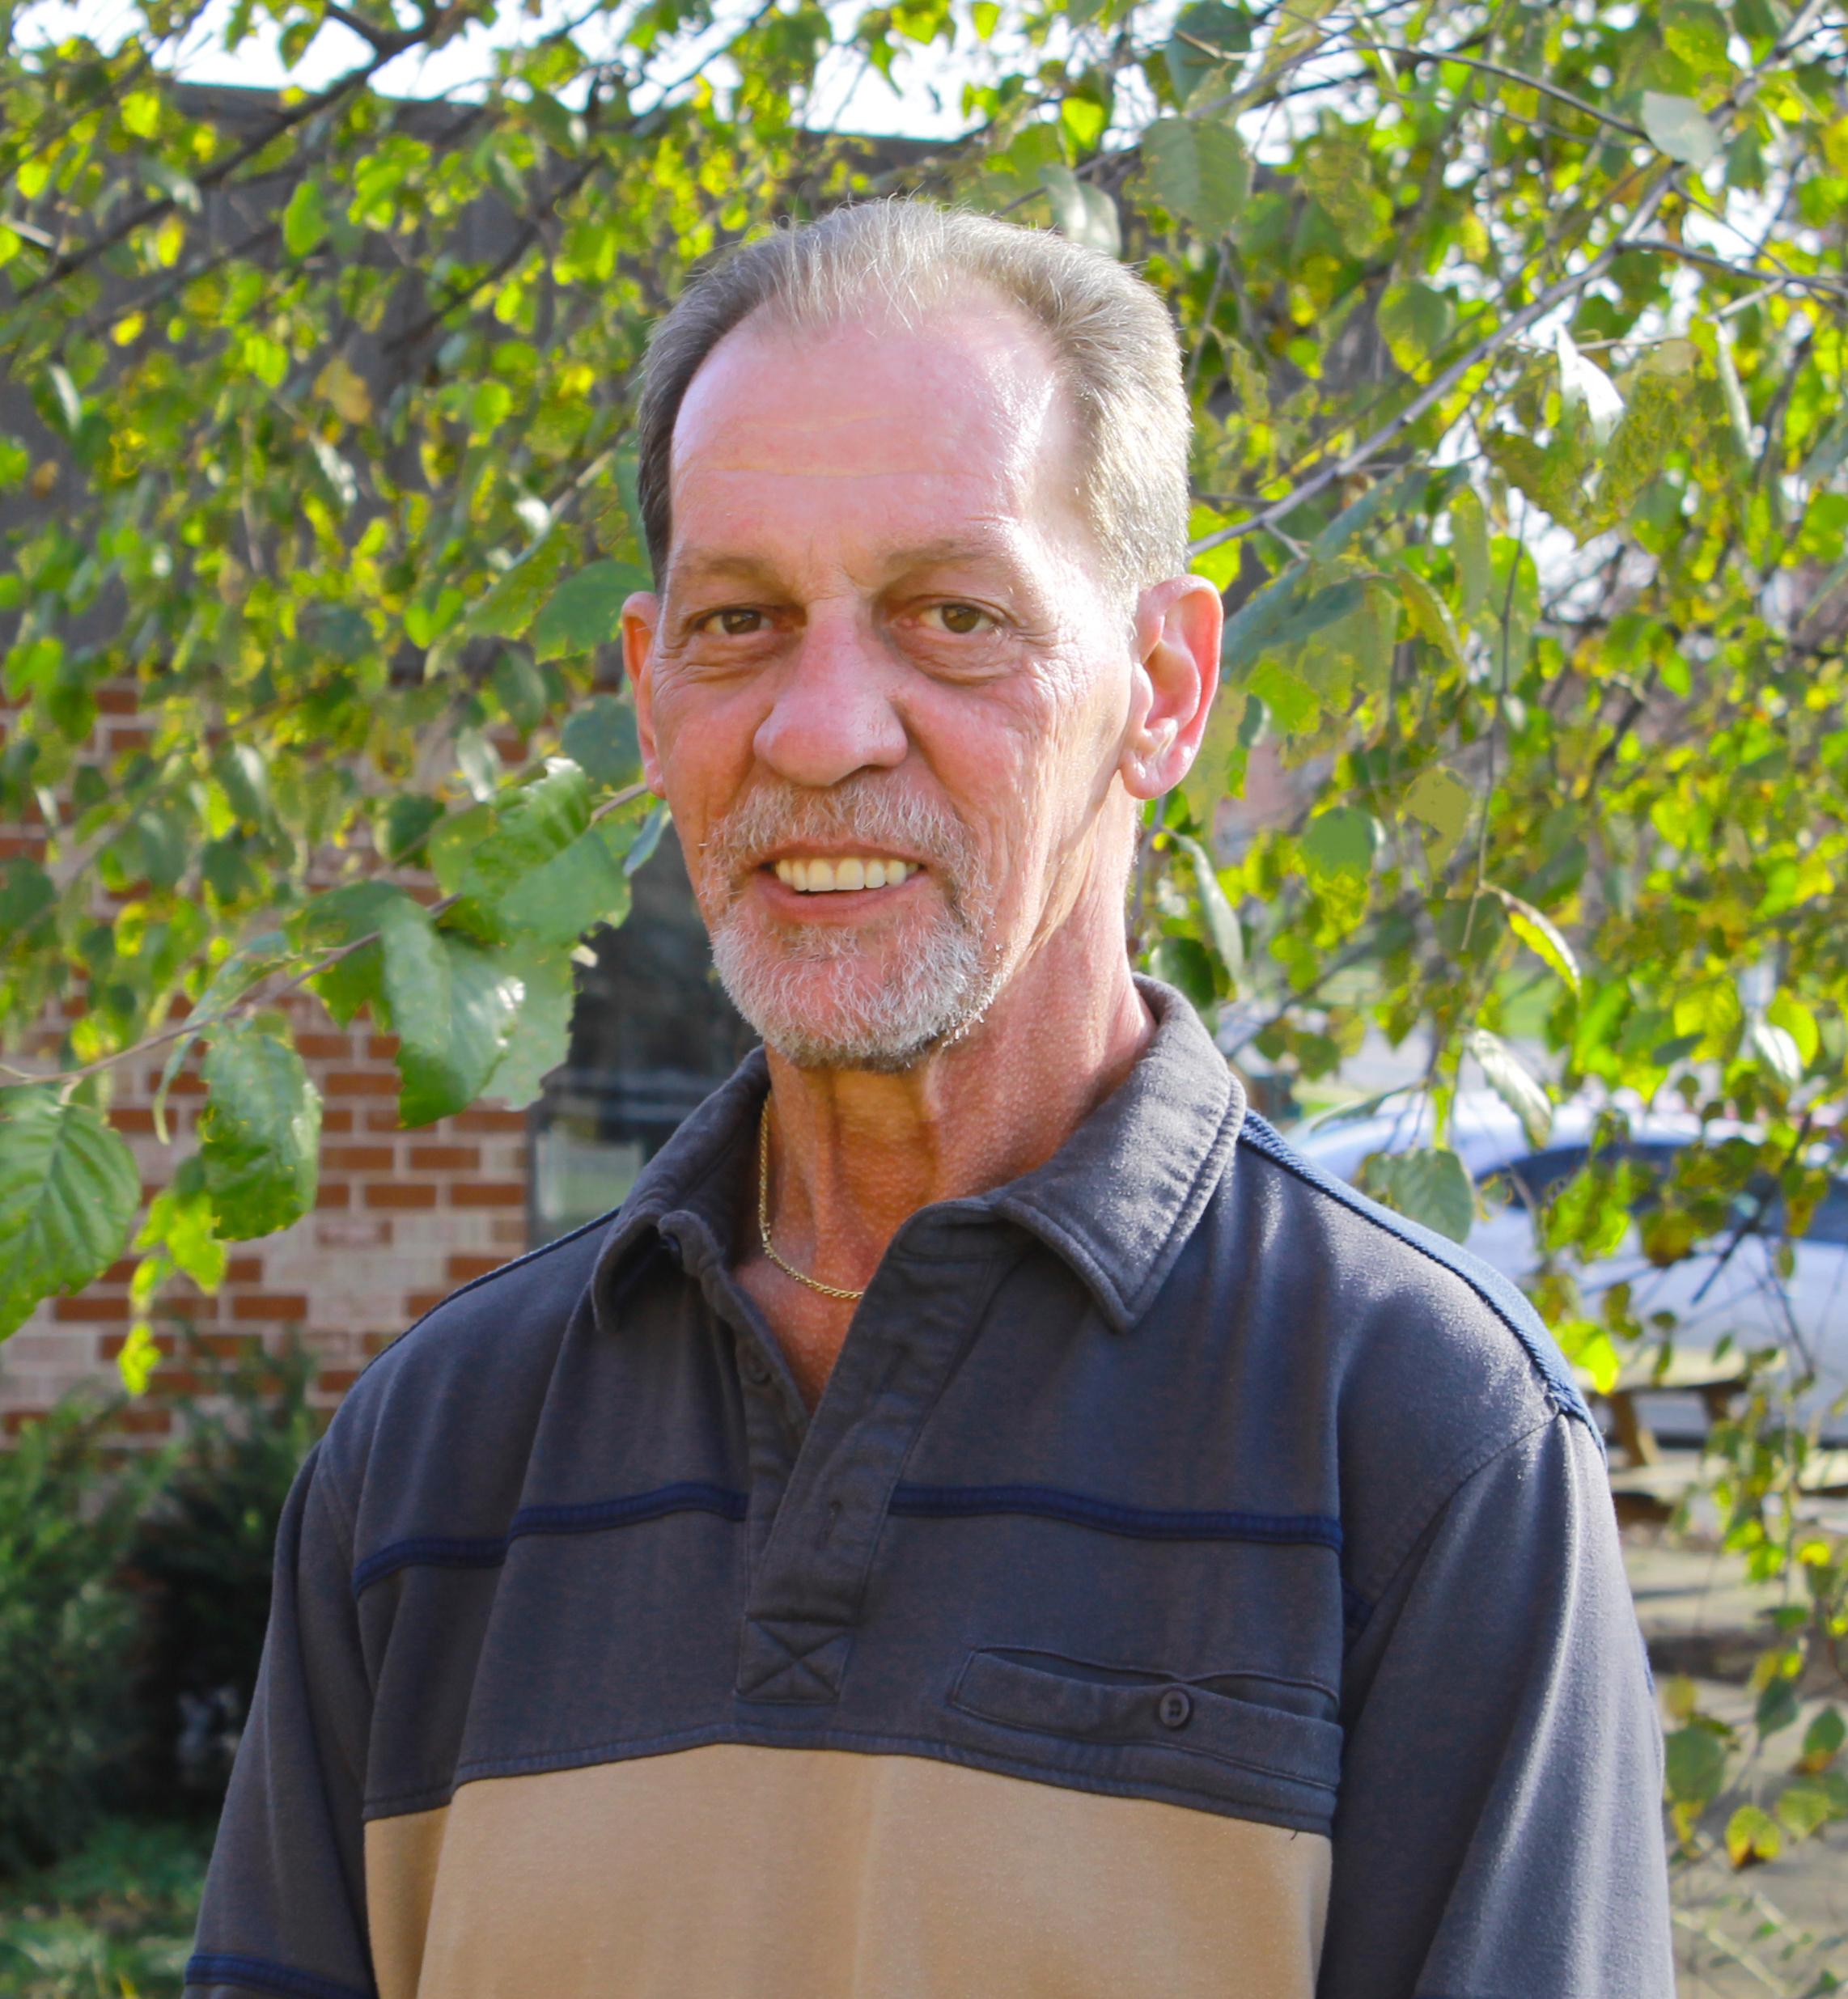 David R. Landis